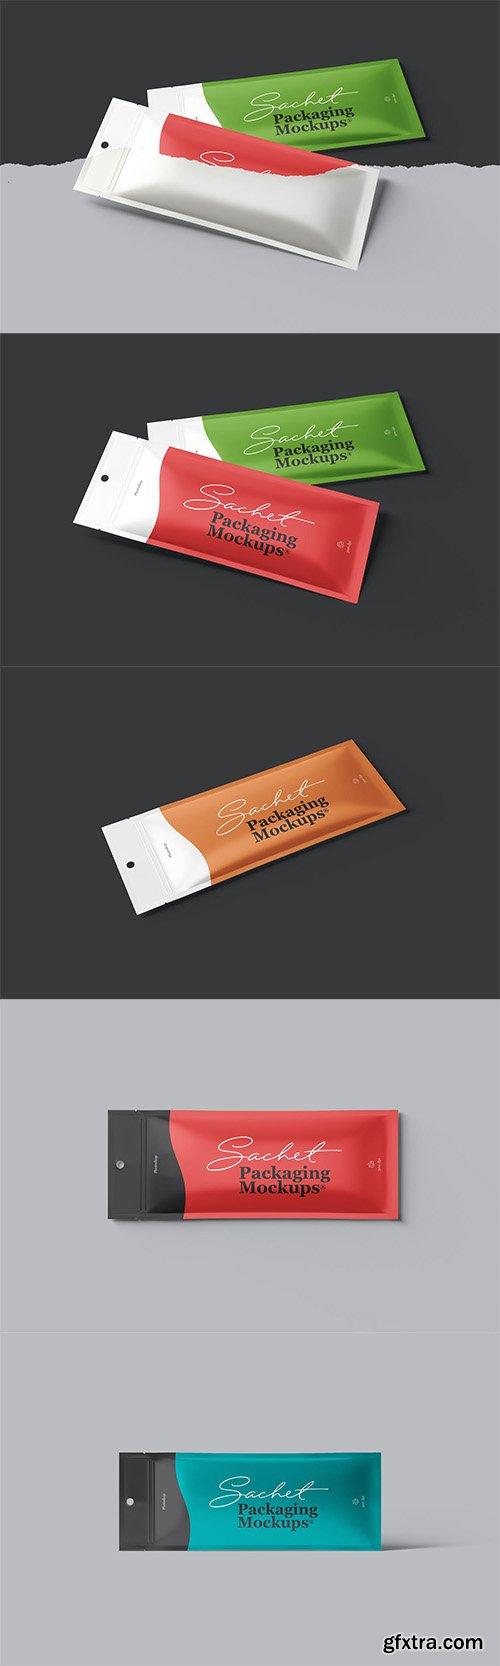 Sachet Packaging Mockups